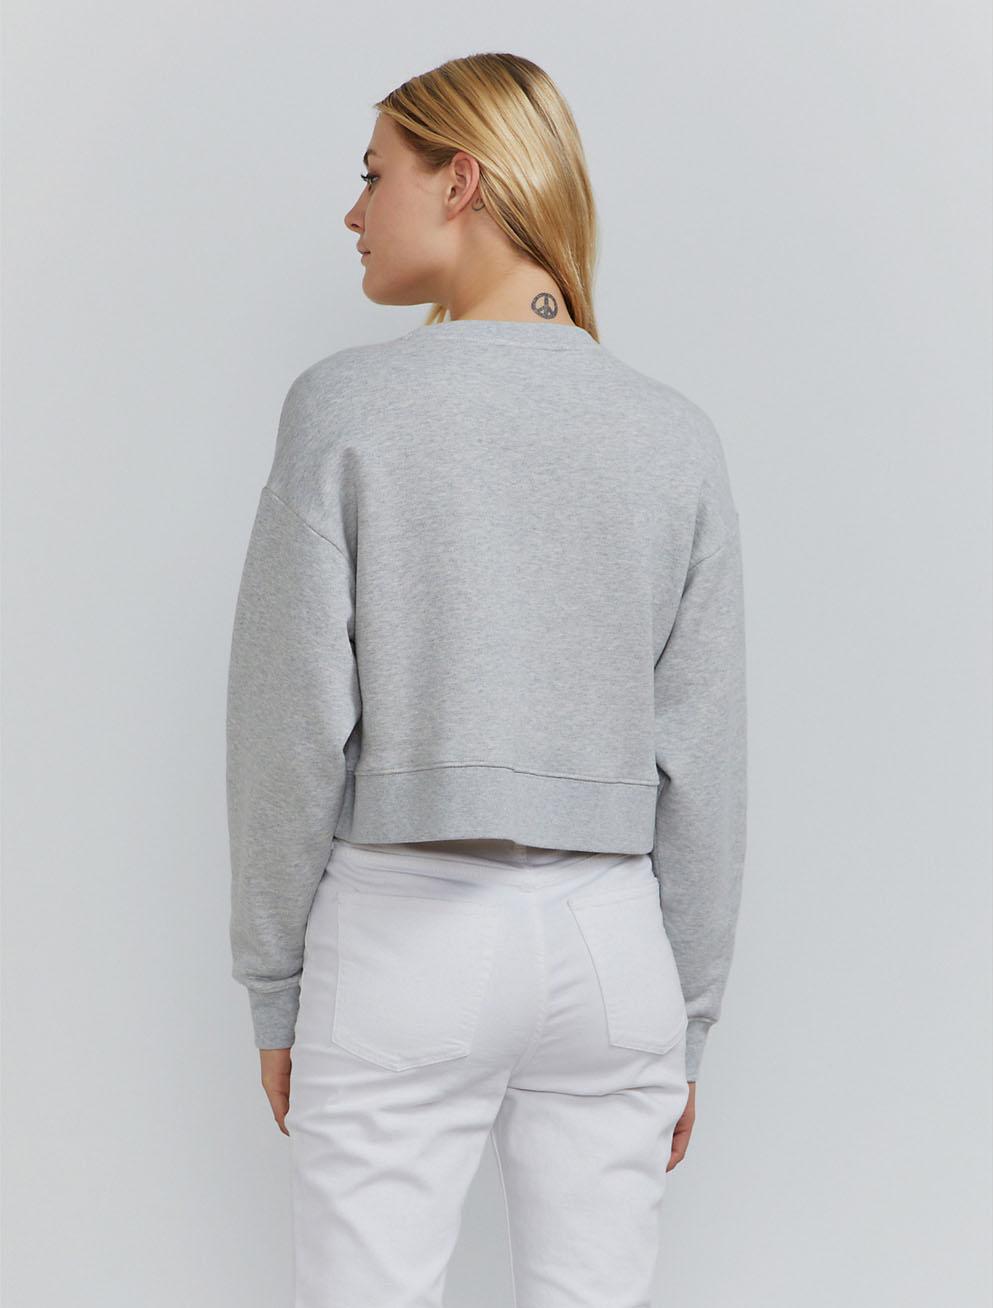 Ginnie cropped sweatshirt